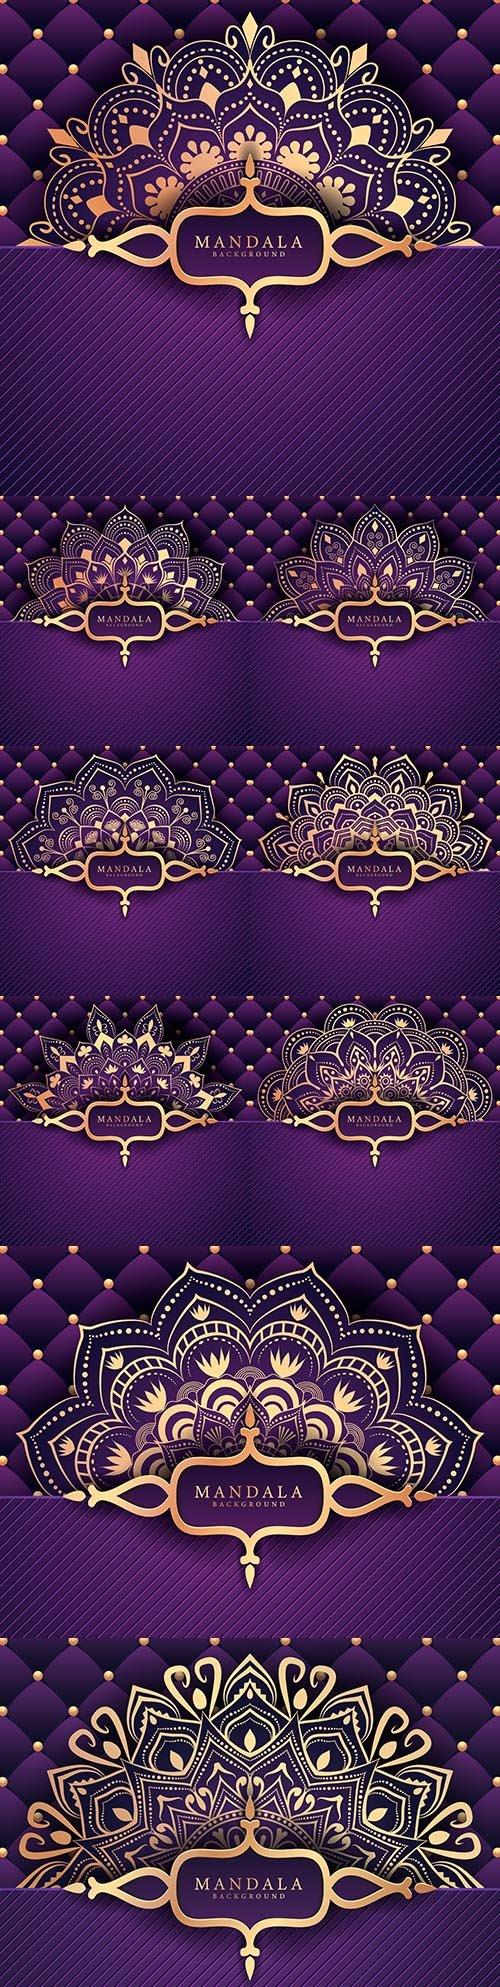 Luxury mandala decorative ethnic background element